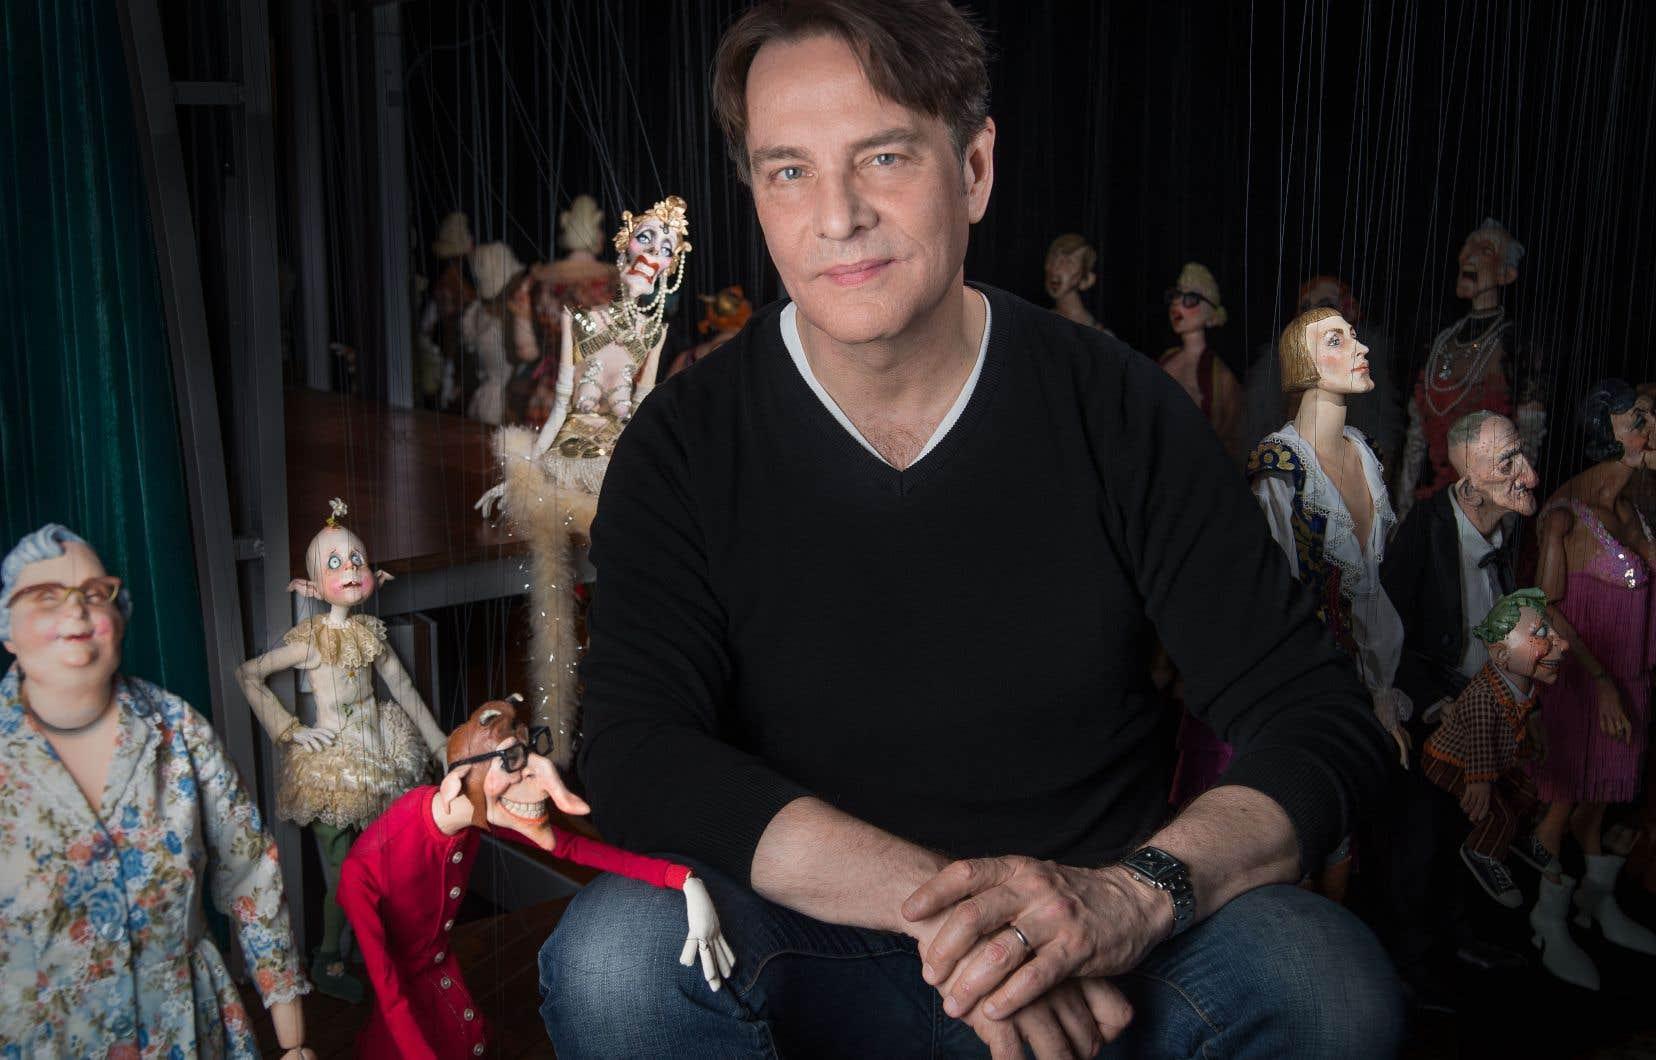 Ronnie Burkett adapte, en toute liberté, le classique de Dickens «Le chant de Noël» à ses personnages du Daisy Theatre, qui renvoient aux spectacles de vaudeville américains.